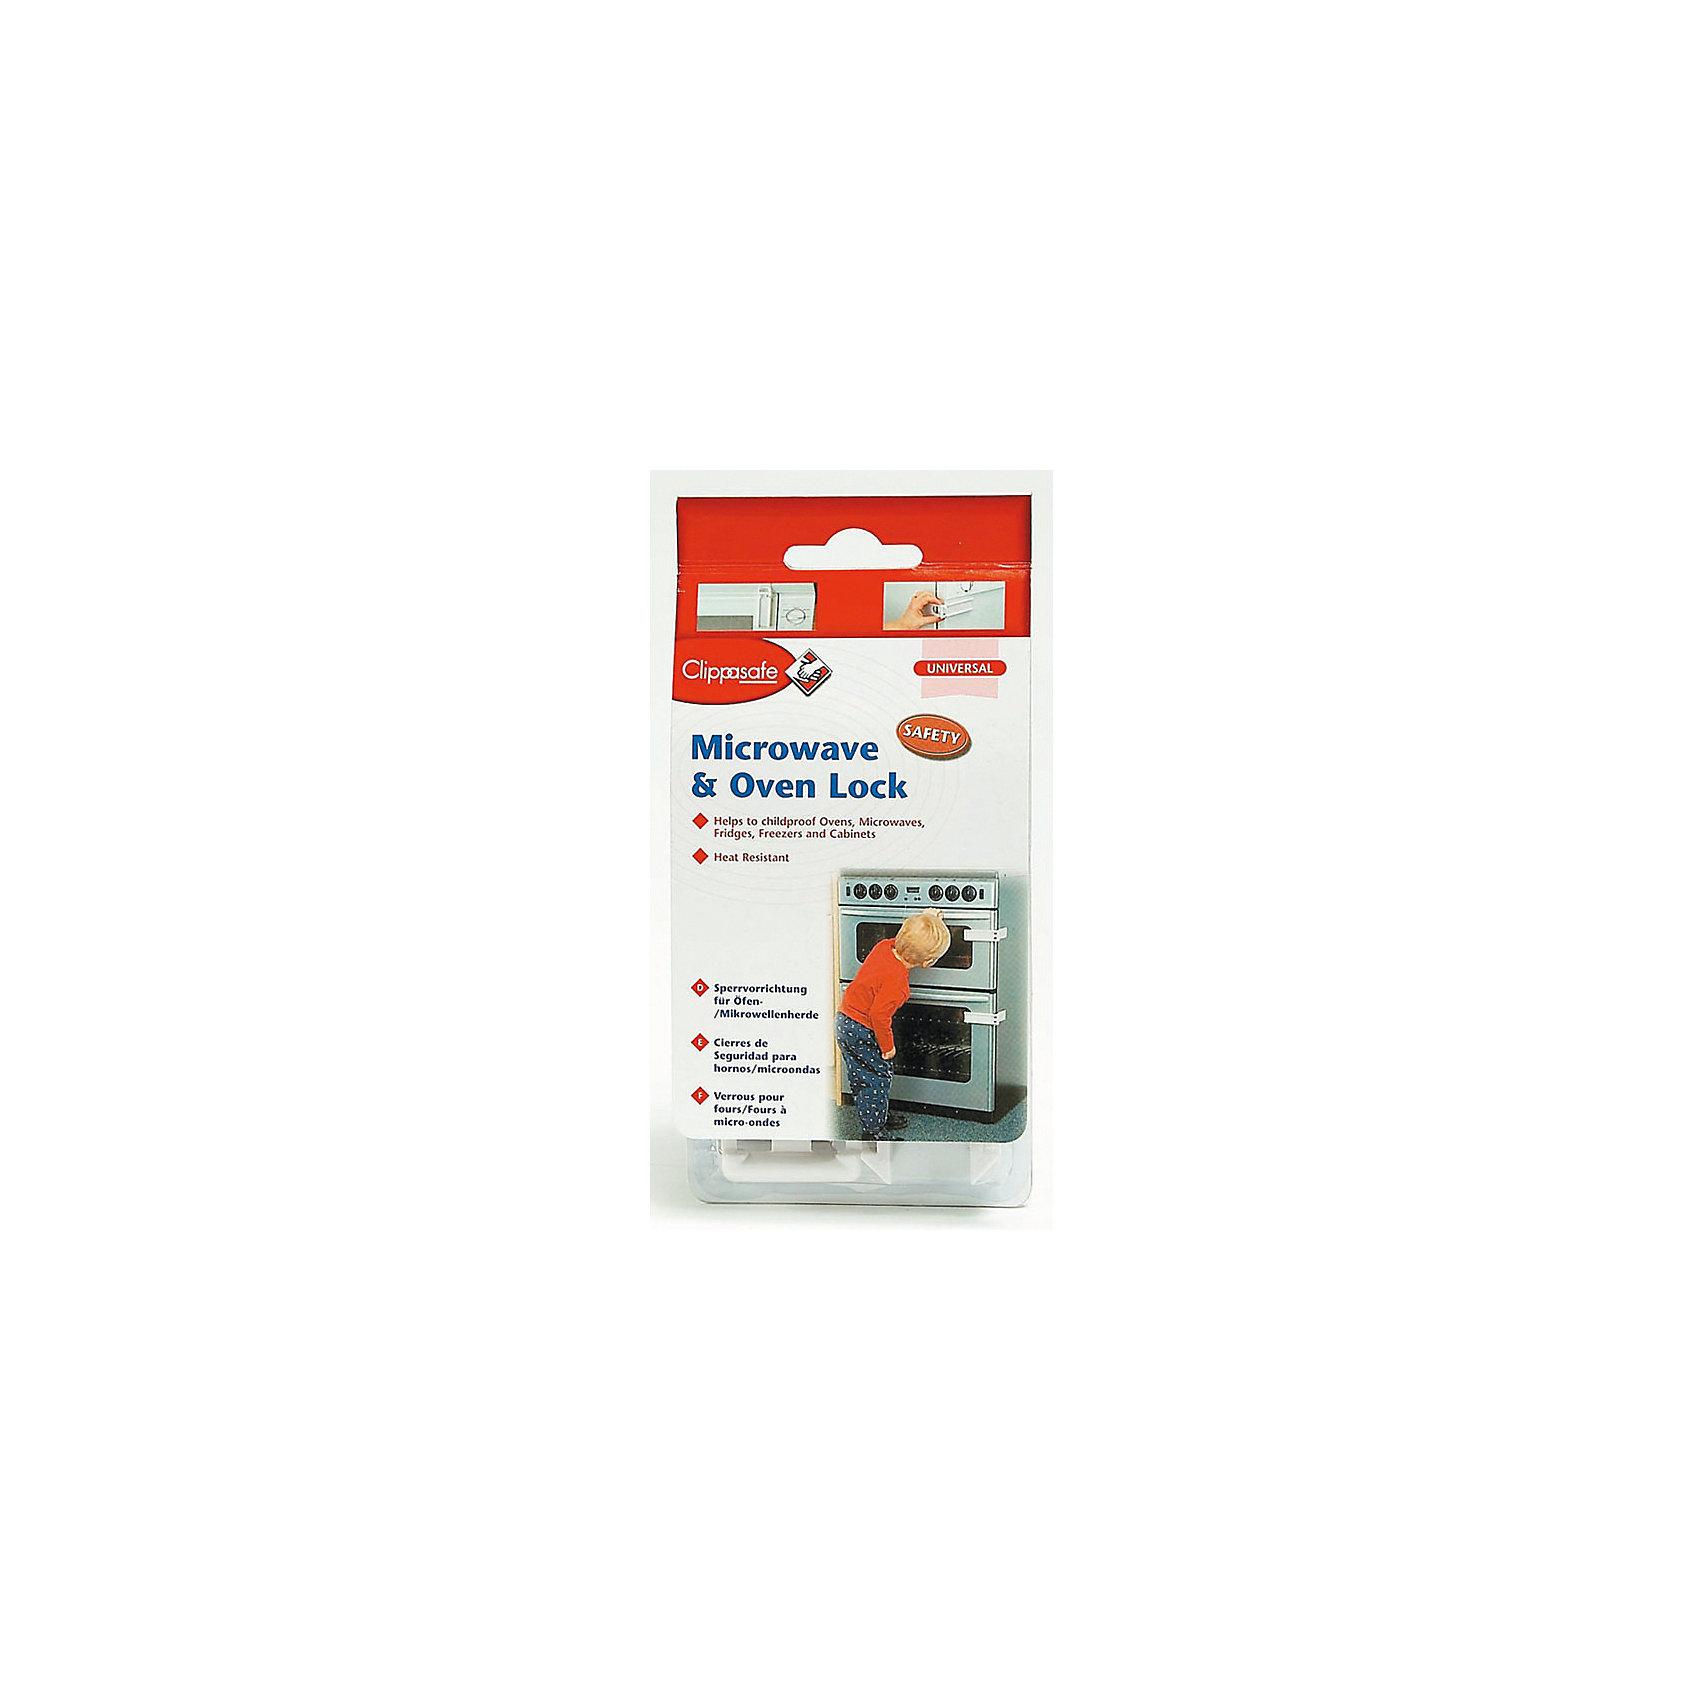 Clippasafe Защитный замок для микроволновой печи/духовки, Clippasafe подставка для микроволновой печи ругес плюстарелка цвет оранжевый белый